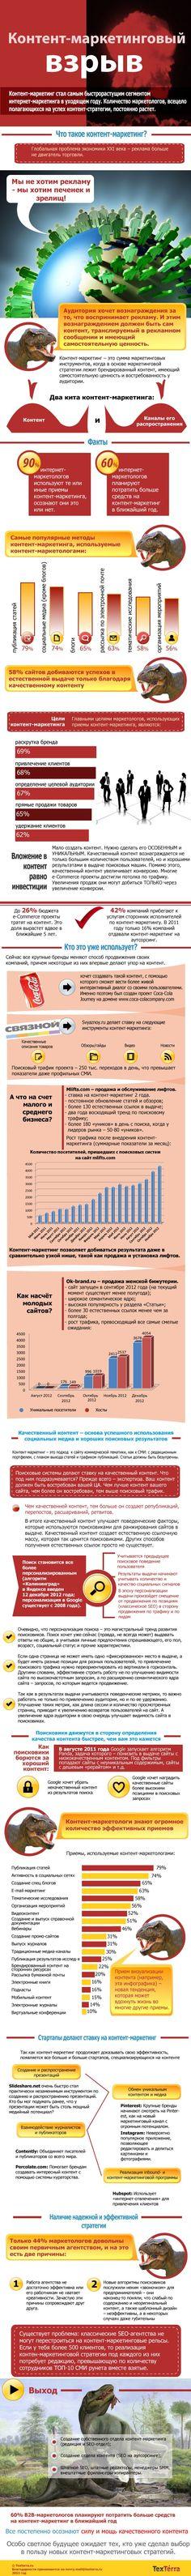 Контент-маркетинговый взрыв #Инфографика #Contentmarketing explosion #Infographics